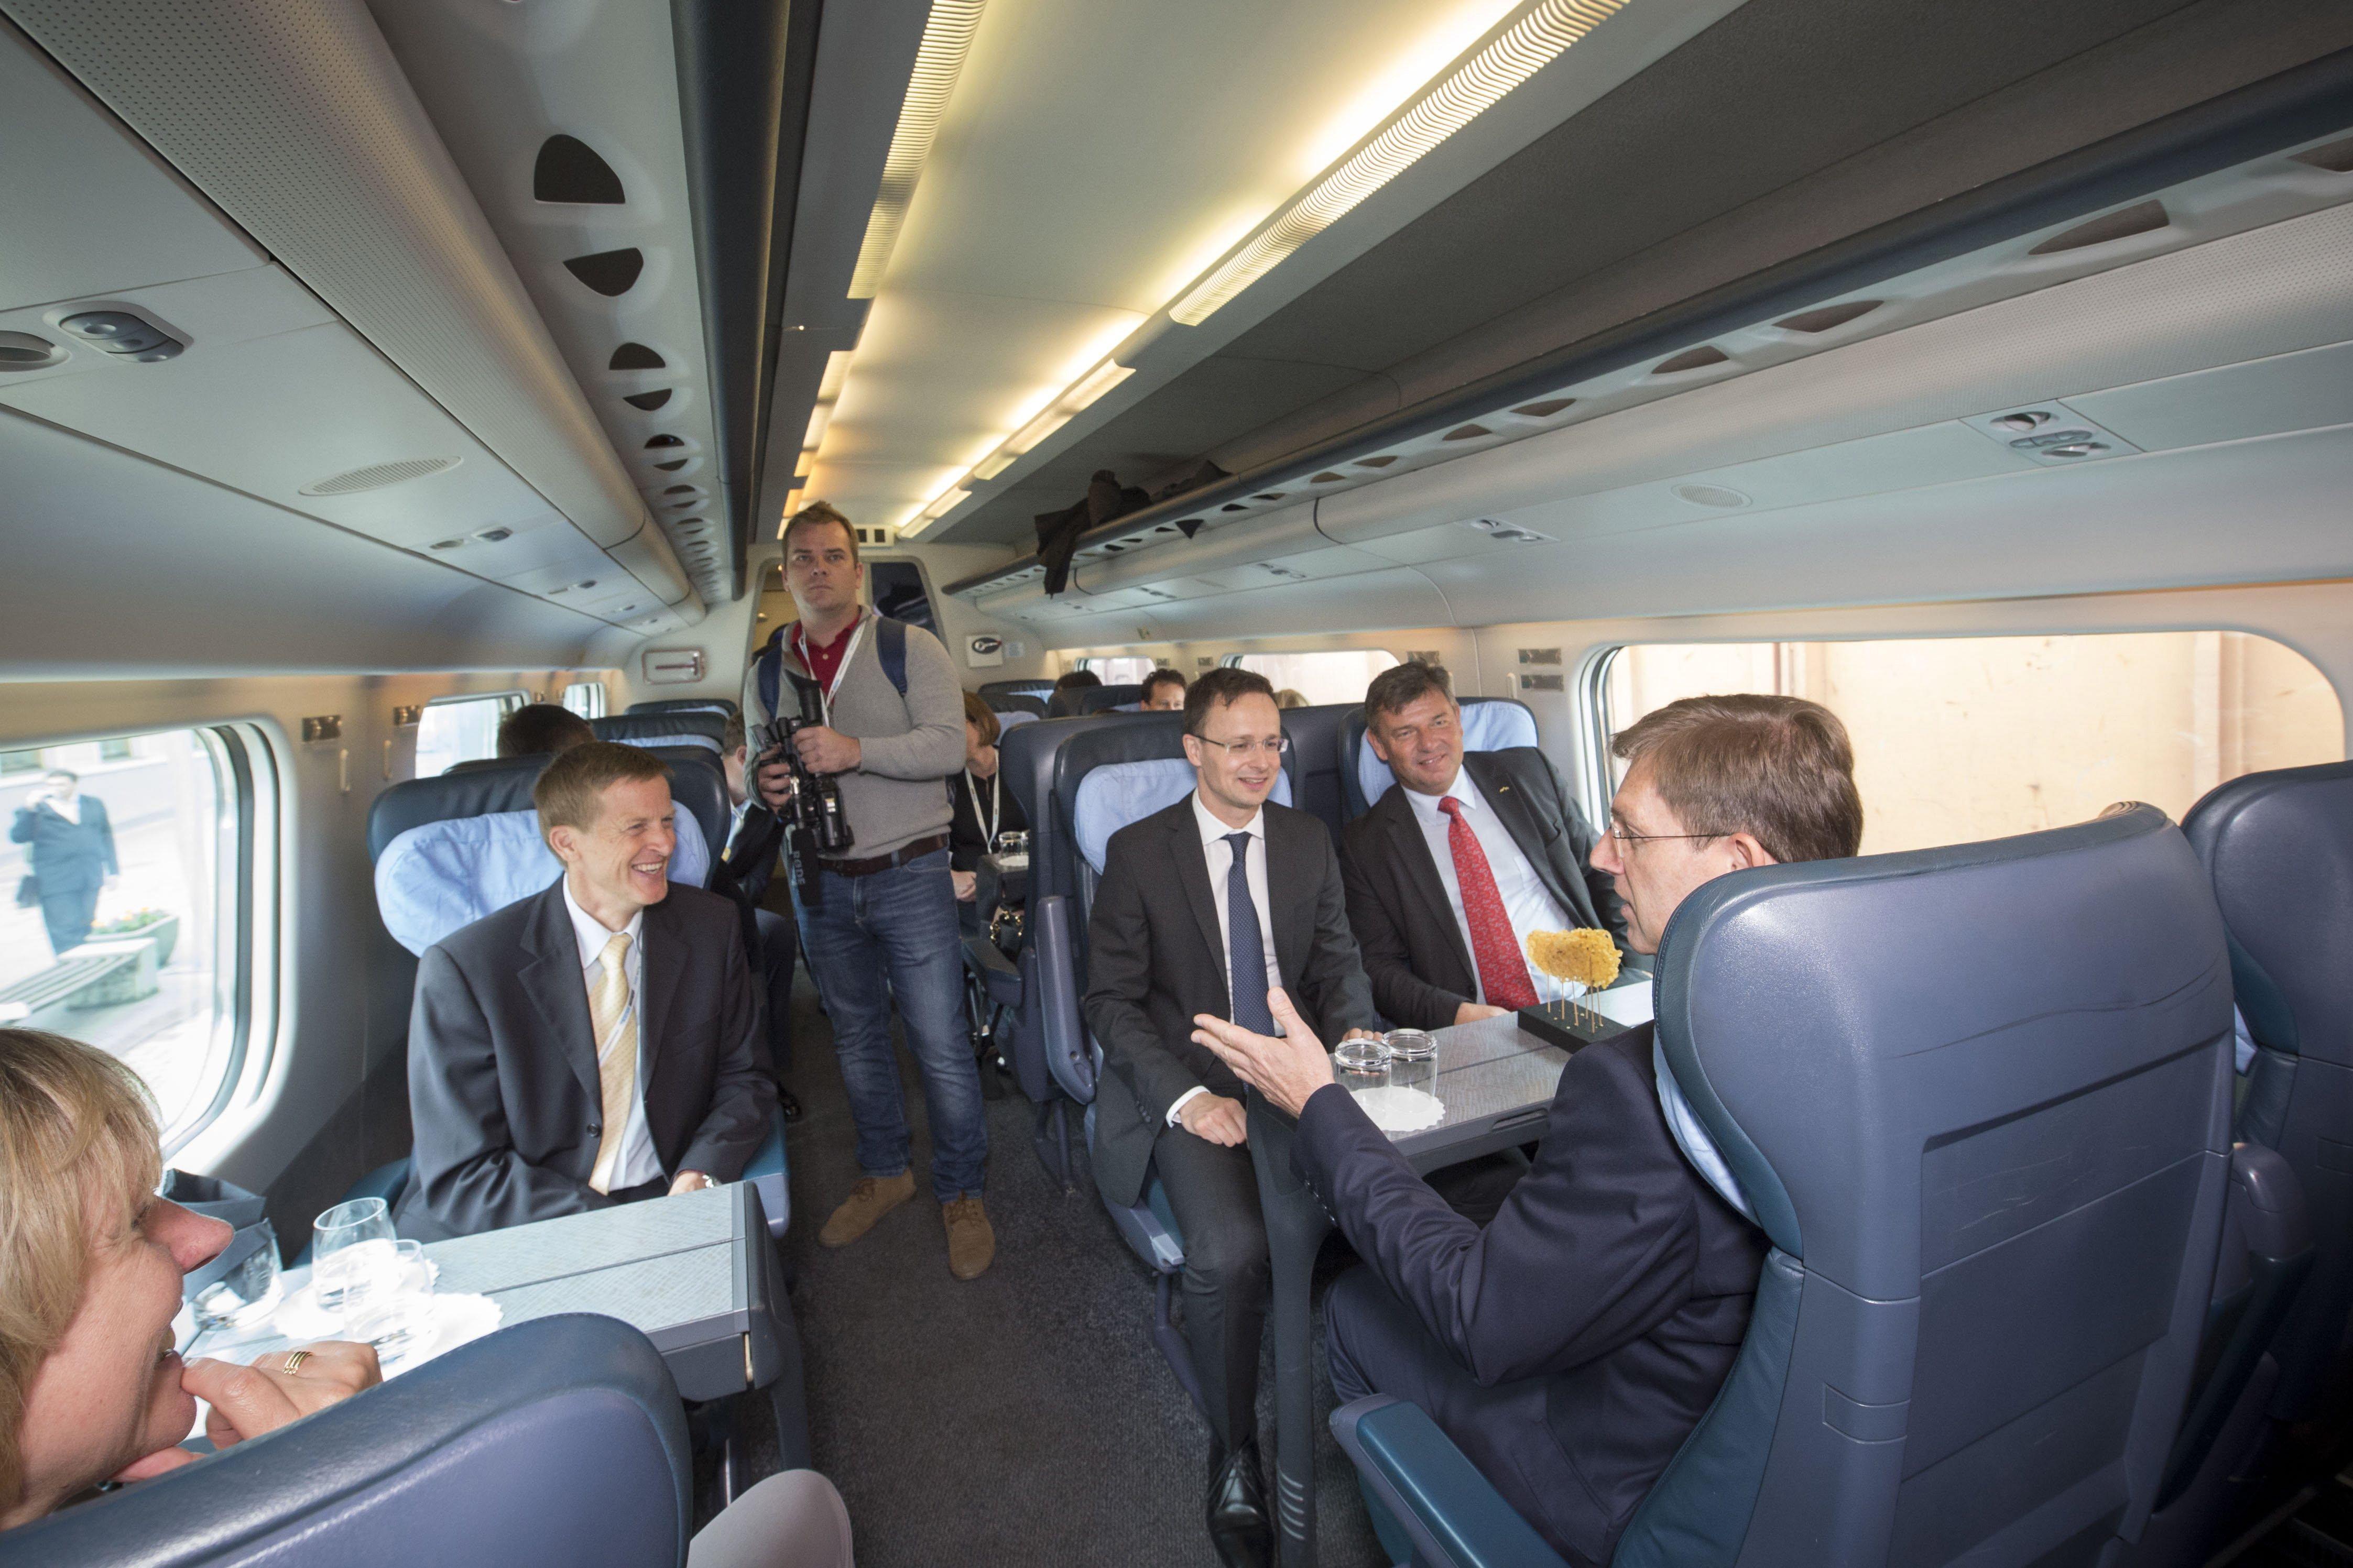 A Külgazdasági és Külügyminisztérium által közreadott képen Miro Cerar szlovén miniszterelnök (háttal, j), Peter Gaspersic, infrastruktúráért felelõs miniszter (j2), Szijjártó Péter külgazdasági és külügyminiszter (j3) és Zoran Stancic, Európai Bizottság szlovéniai képviseletvezetõje (b) az Õrihodosról (Hodos) Muraszombatra (Murska Sobota) tartó vonaton, a Pragersko- Õrihodos (Hodos) közötti villamosított vasúti szakasz avatásán 2016. június 10-én. MTI Fotó: KKM / Burger Zsolt